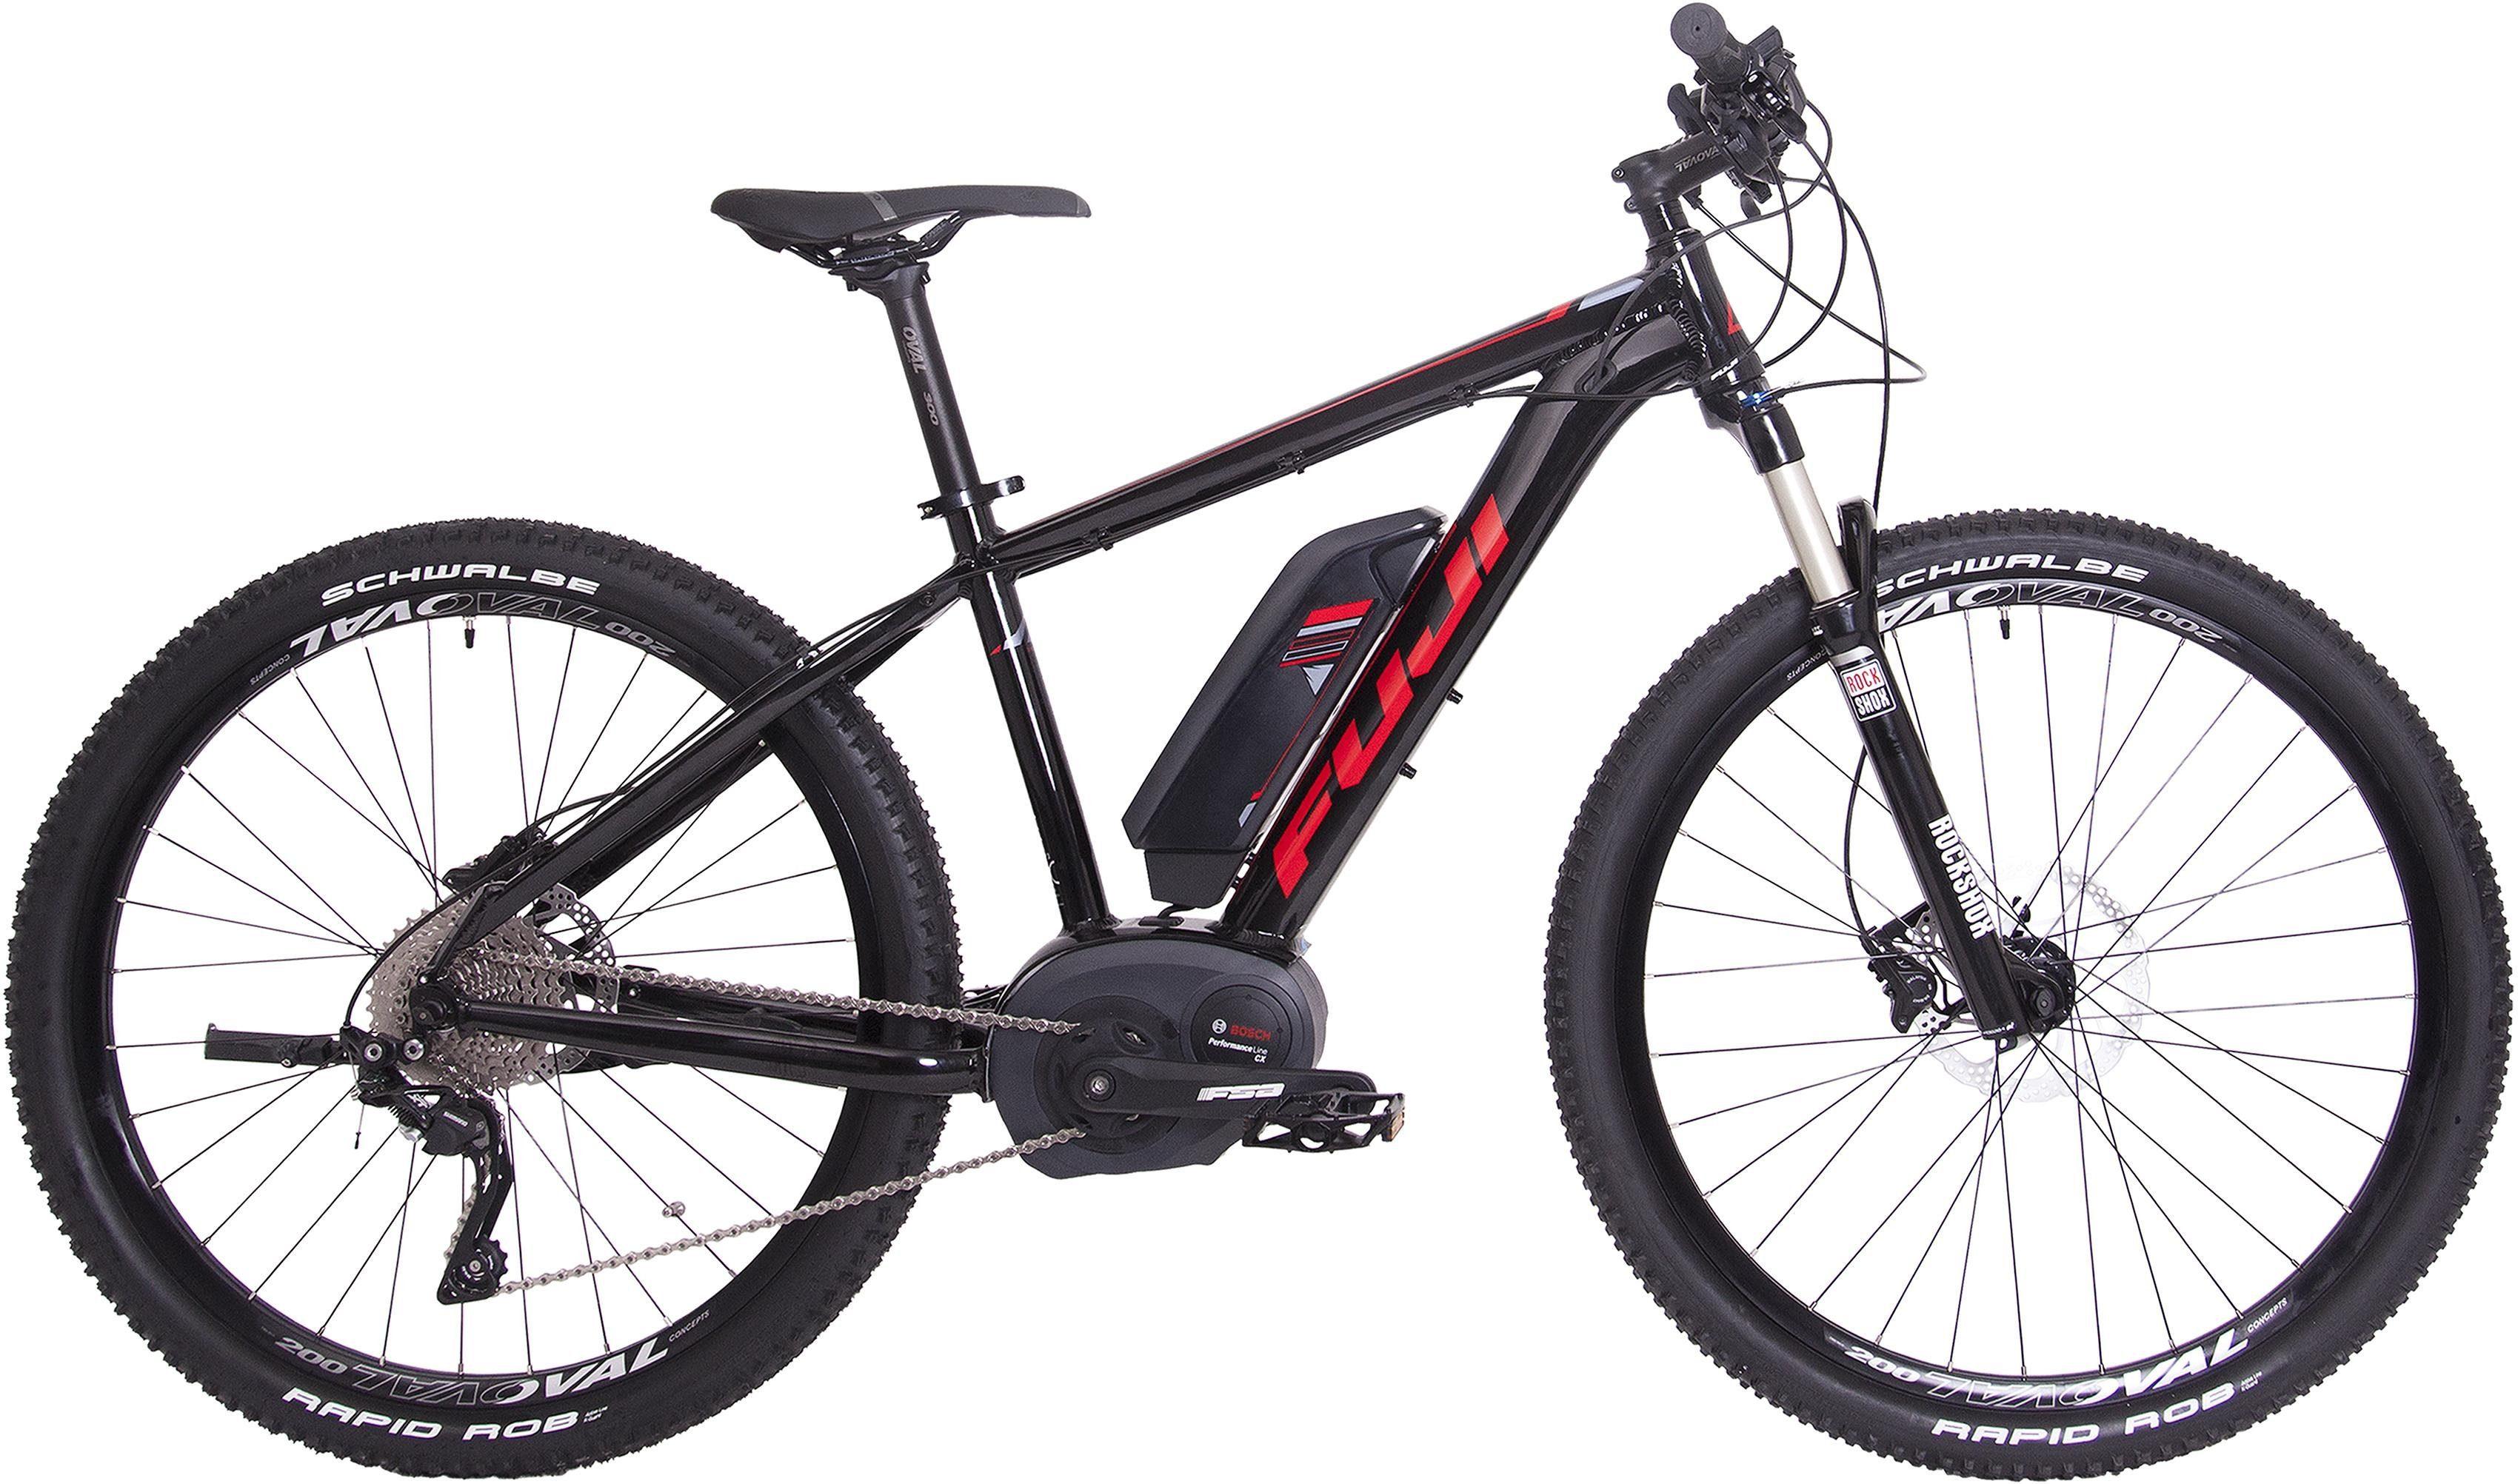 Fuji Herren MTB E-Bike Mittelmotor 36V/250W, 27,5 Zoll, 10 Gang Shimano Deore XT, »AMBIENT 1.3«